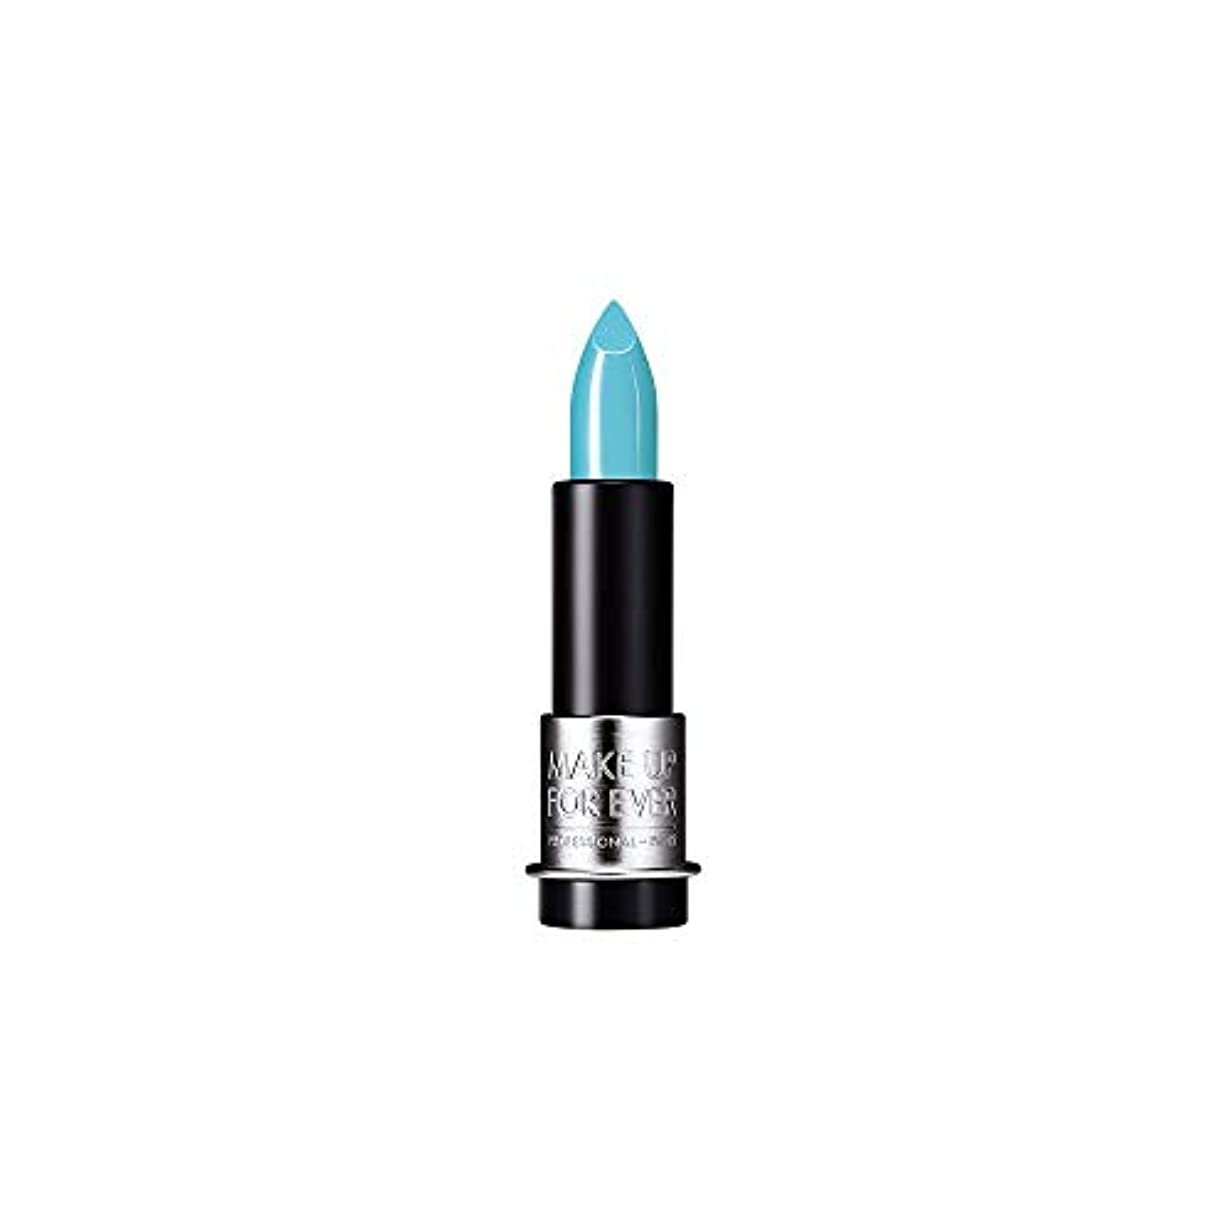 表面語やさしく[MAKE UP FOR EVER] これまでアーティストルージュクリーム口紅3.5グラムのC602を補う - ターコイズブルー - MAKE UP FOR EVER Artist Rouge Creme Lipstick...